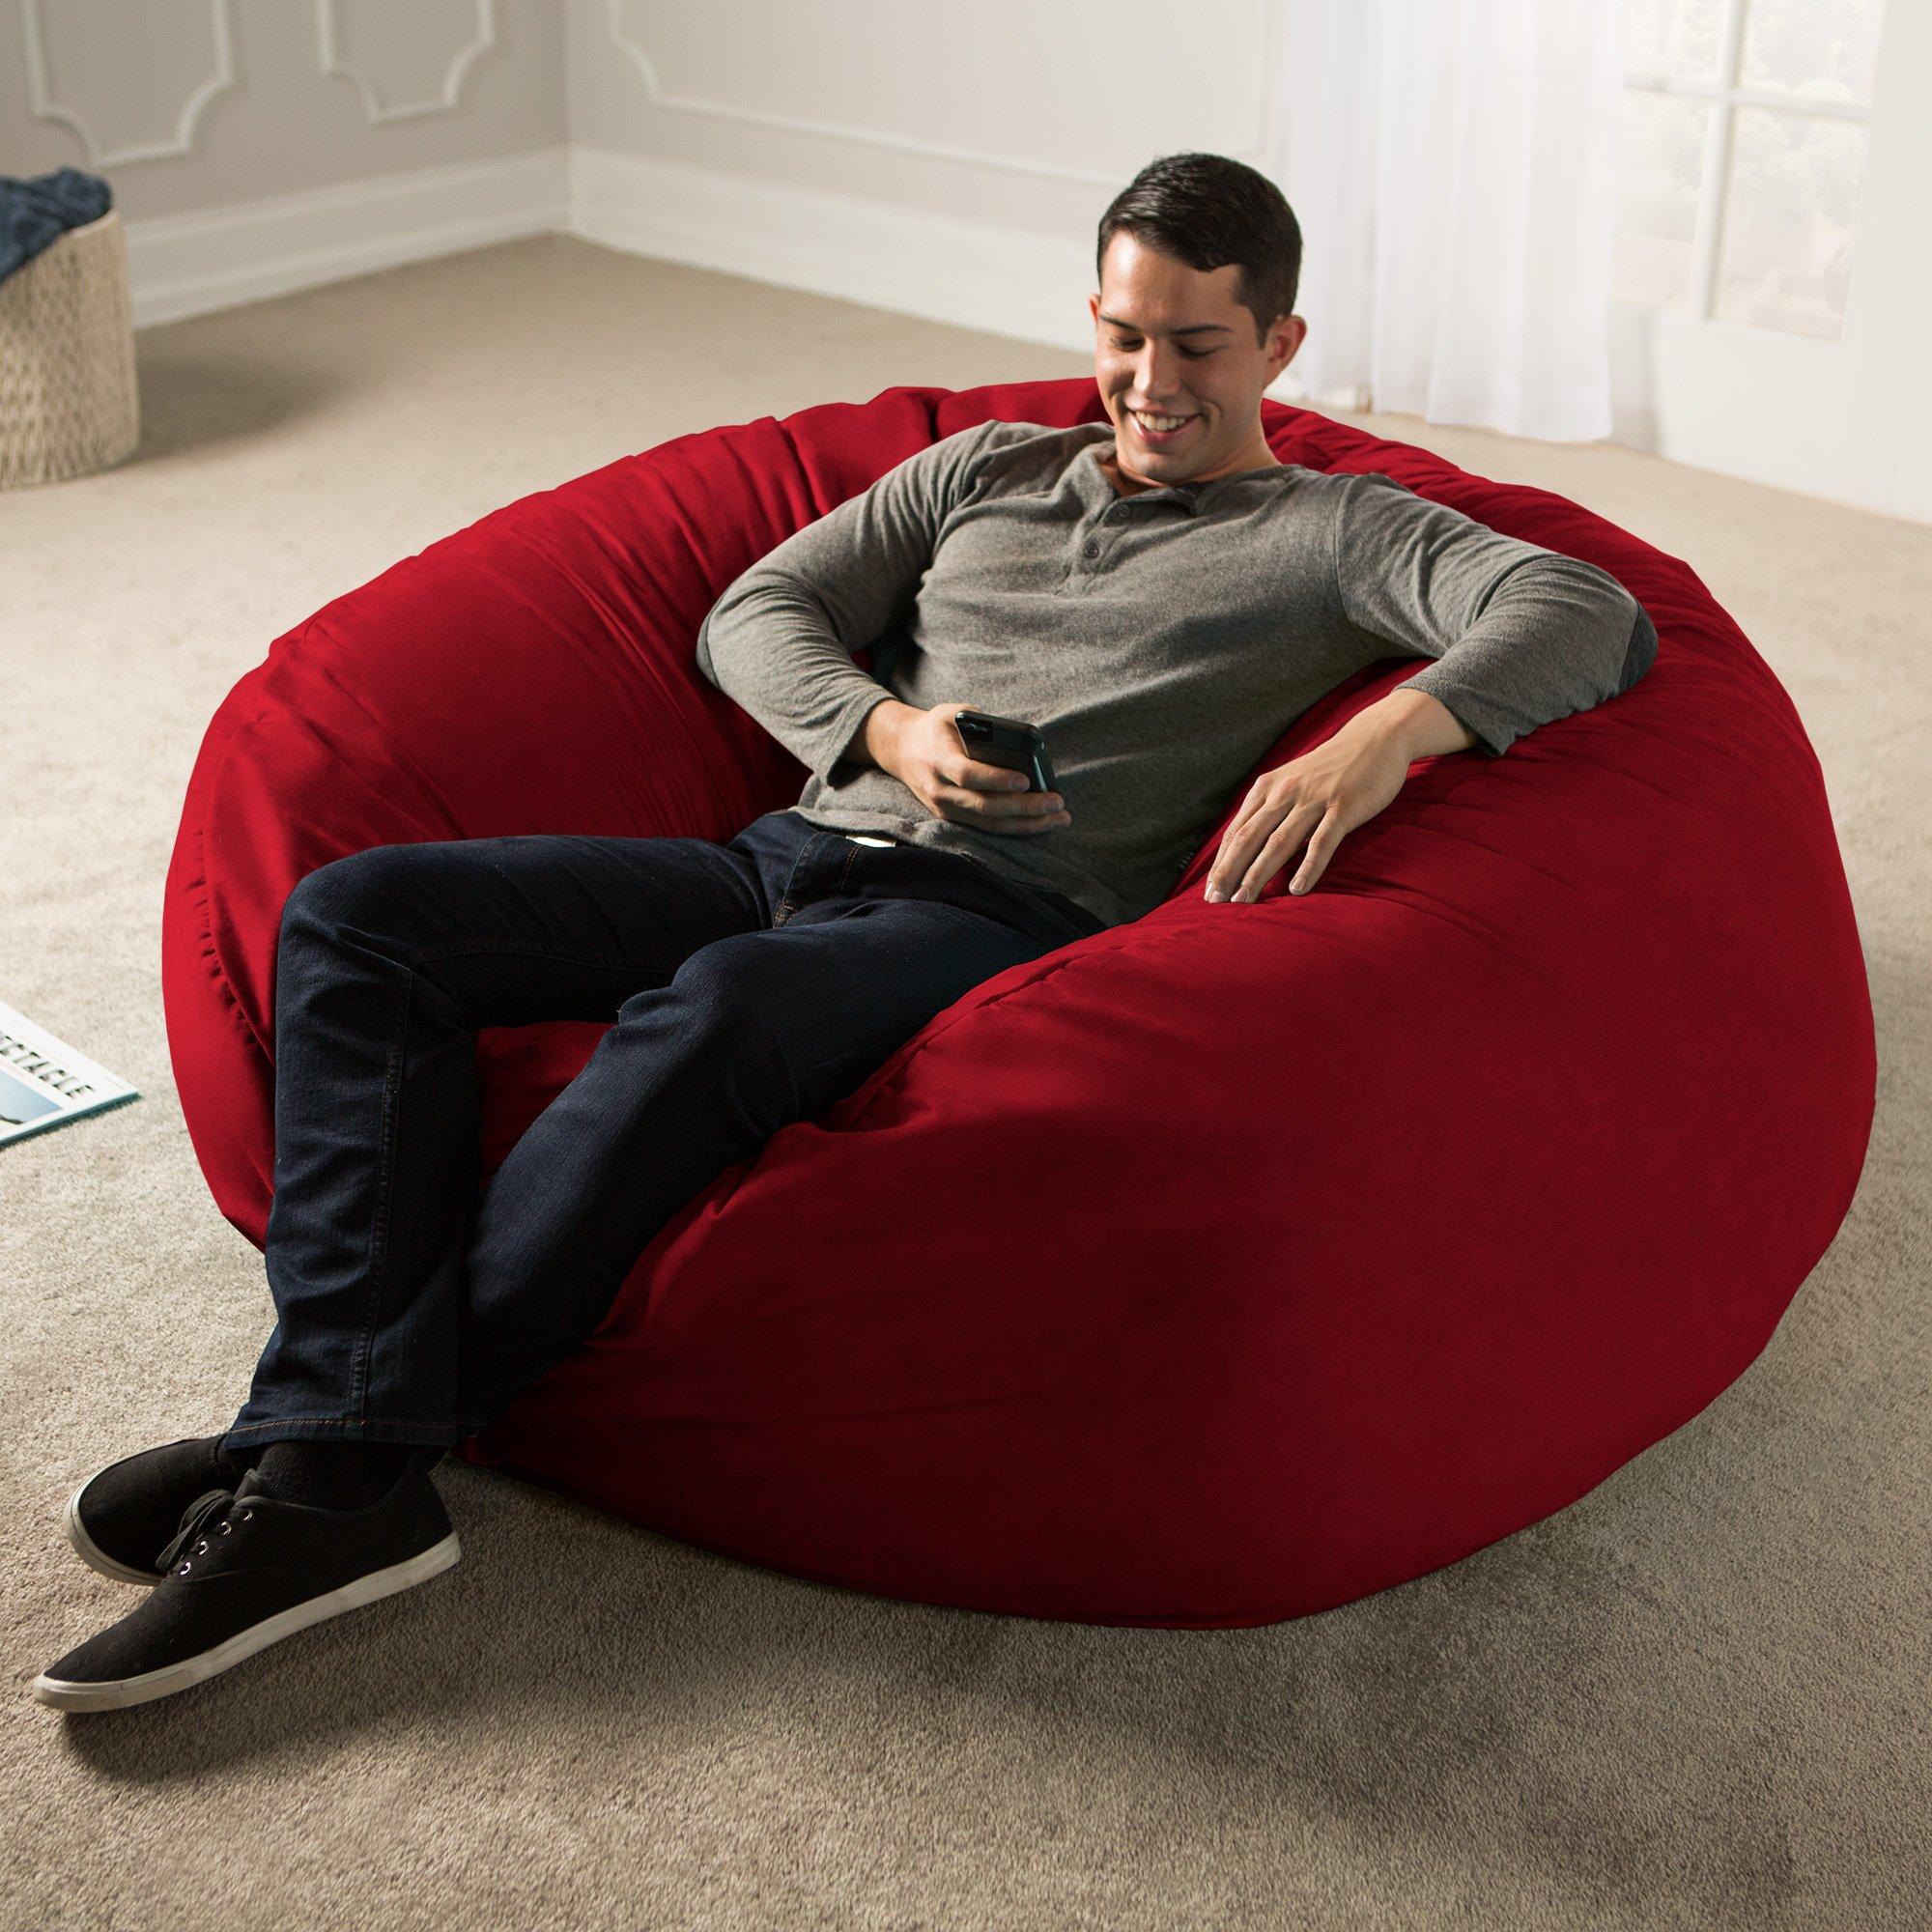 Jaxx 5 Foot Saxx - Big Bean Bag Chair for Adults, Cinnabar by Jaxx